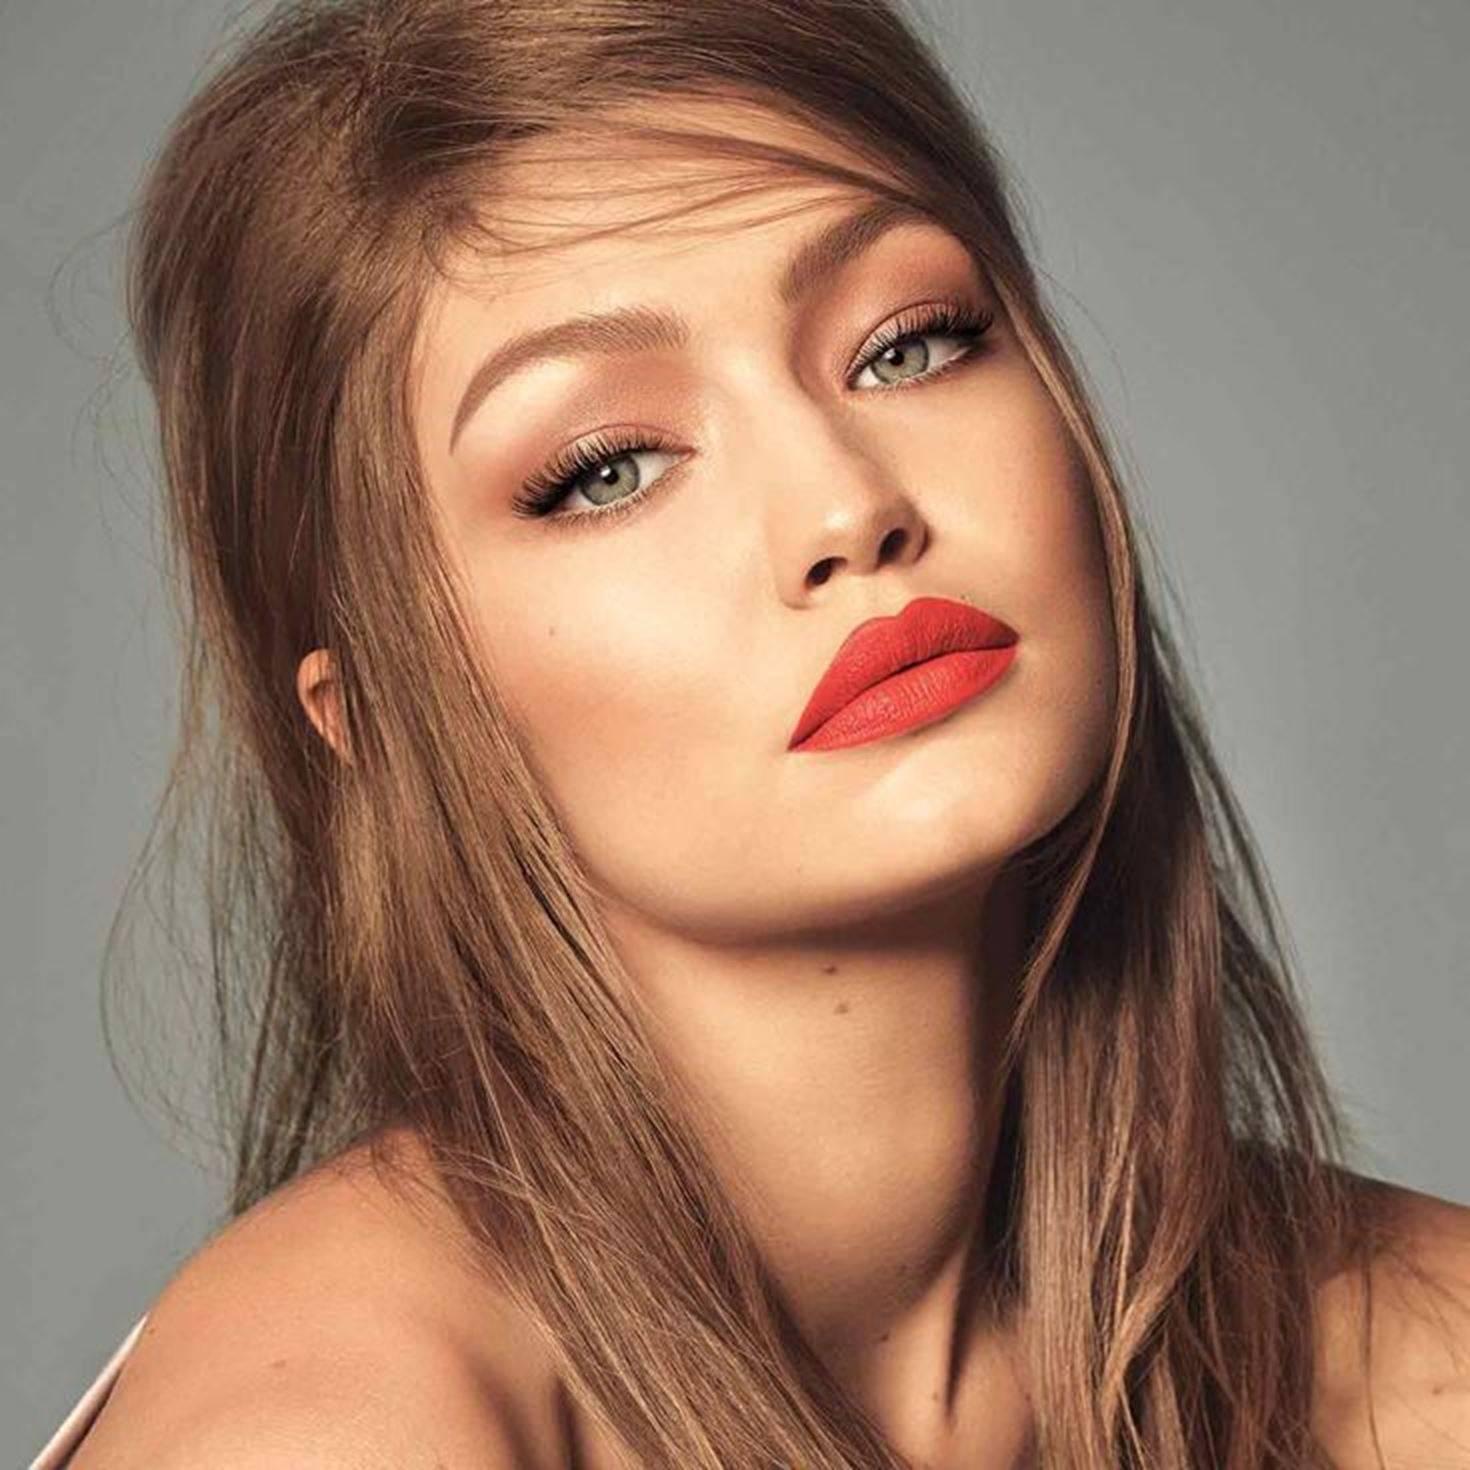 Para Pasos El En 3 Mejor Maquillaje Vestido Rojo Descubre